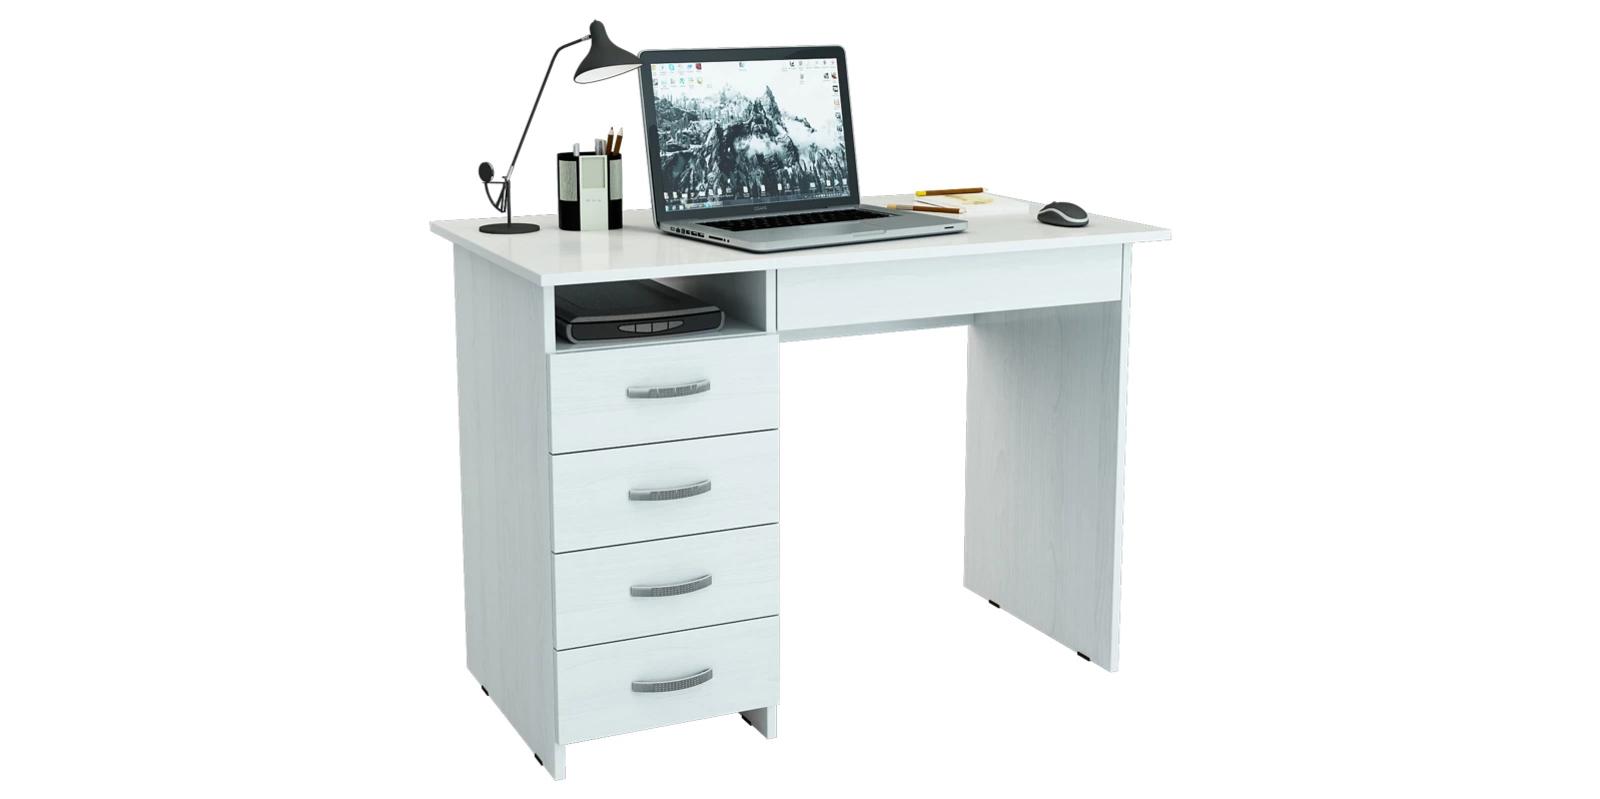 Письменный стол Харви вариант №1 (белый)